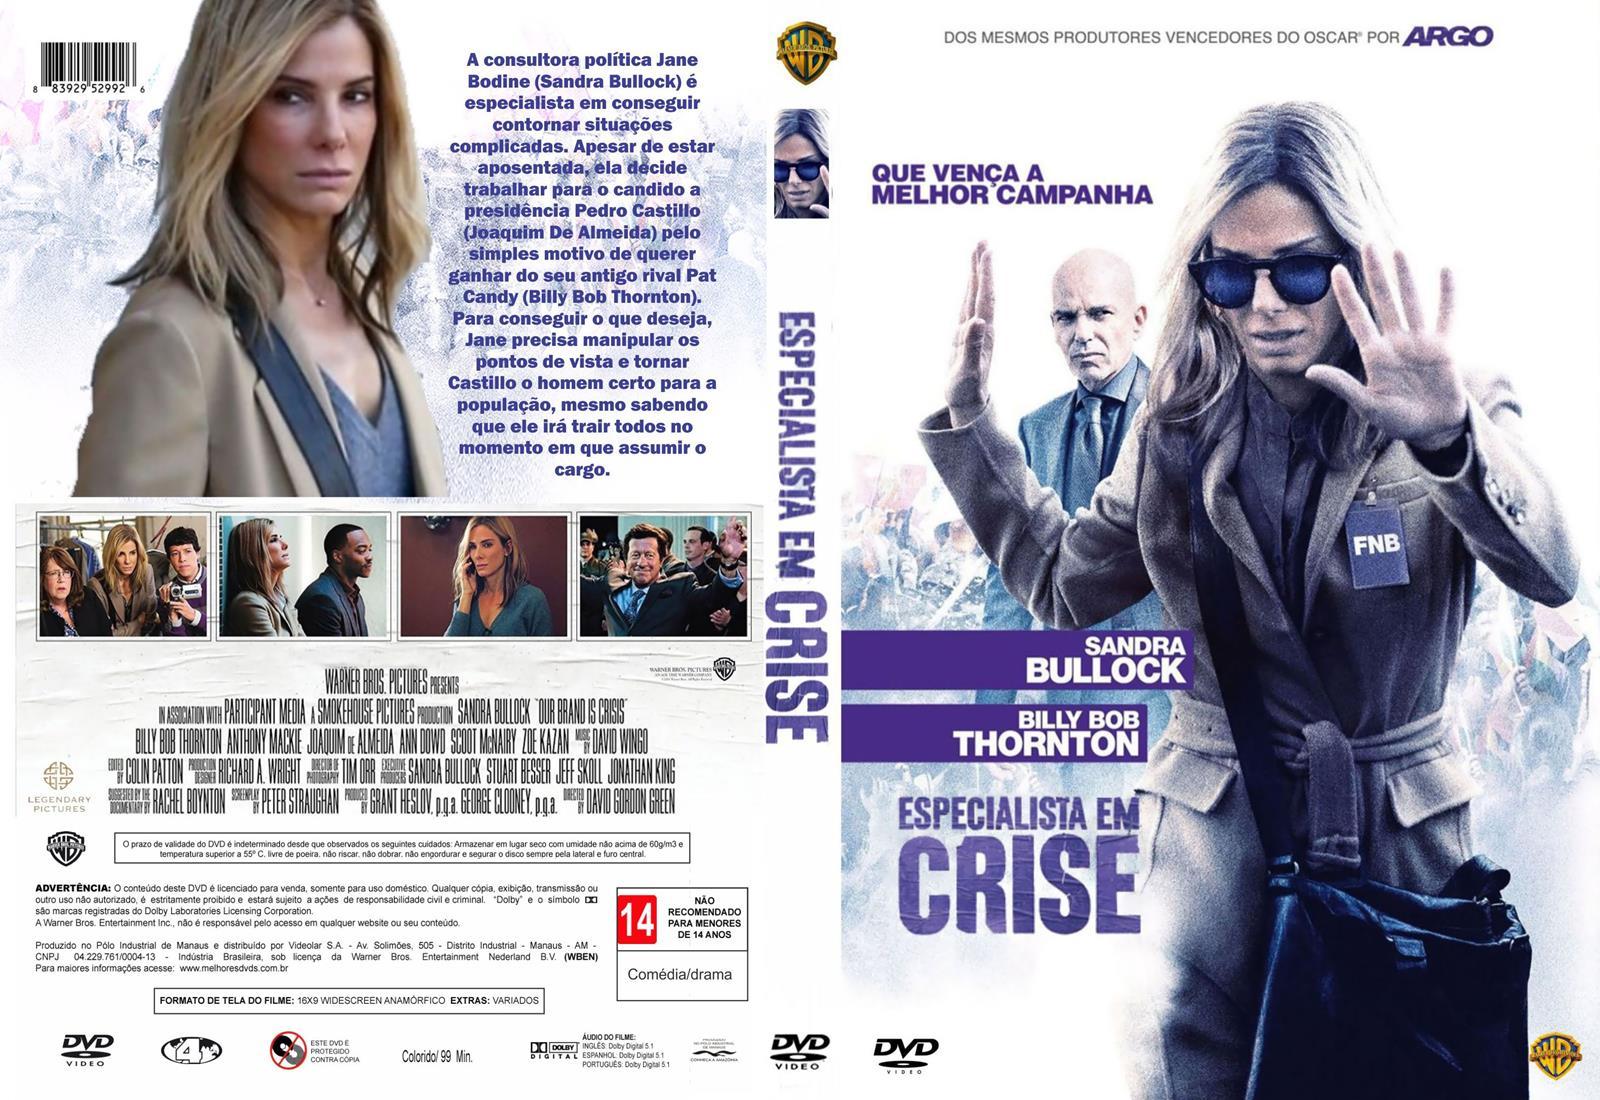 Download especialista em crise dvd-r xandao download™.